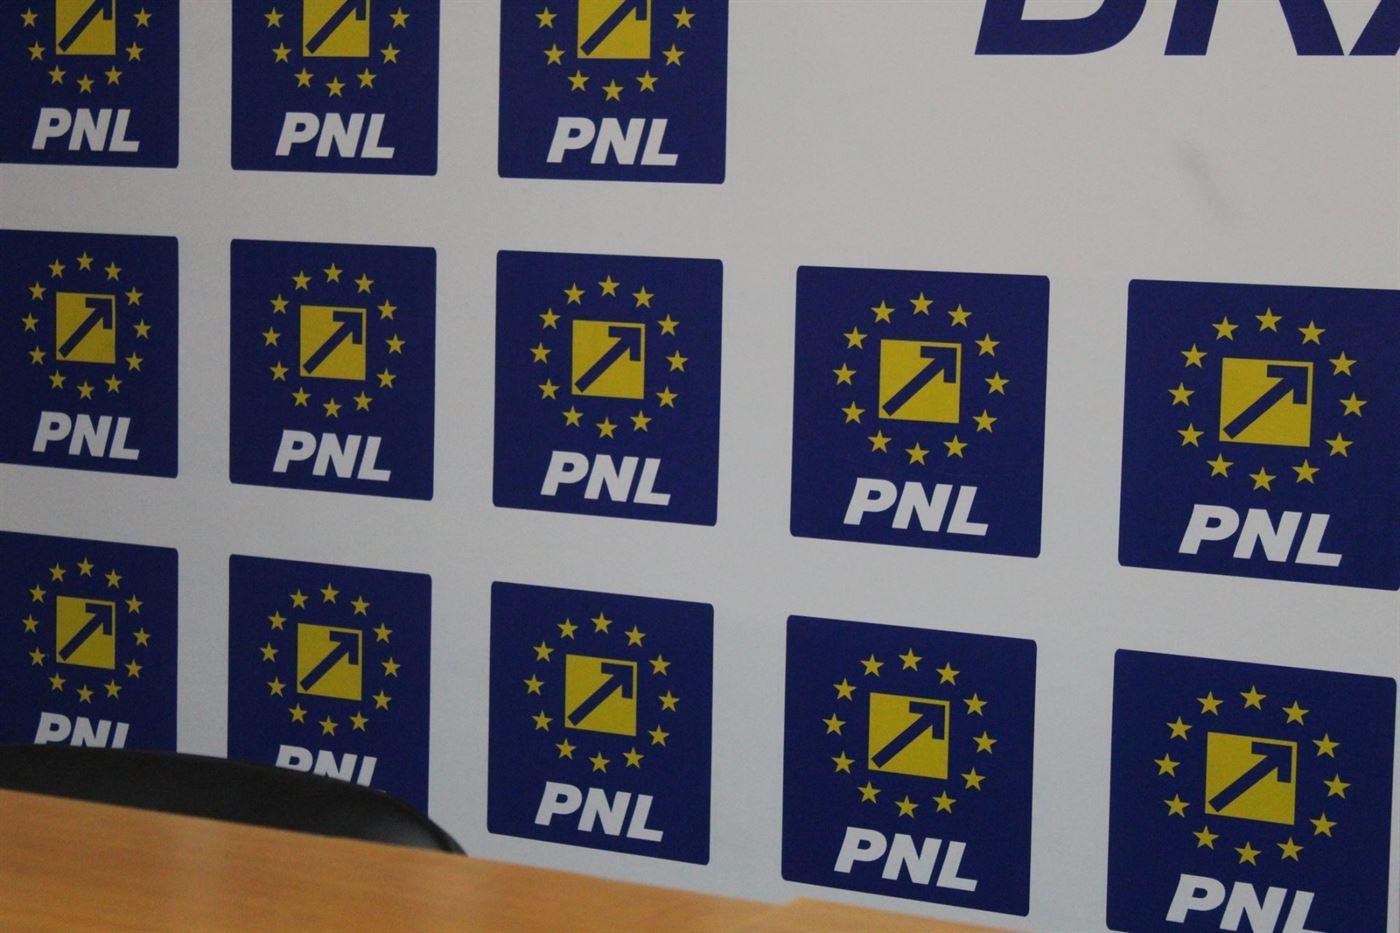 Trei zile fără campanie electorală a PNL, în semn de respect pentru victimele tragediei de la Piatra Neamț